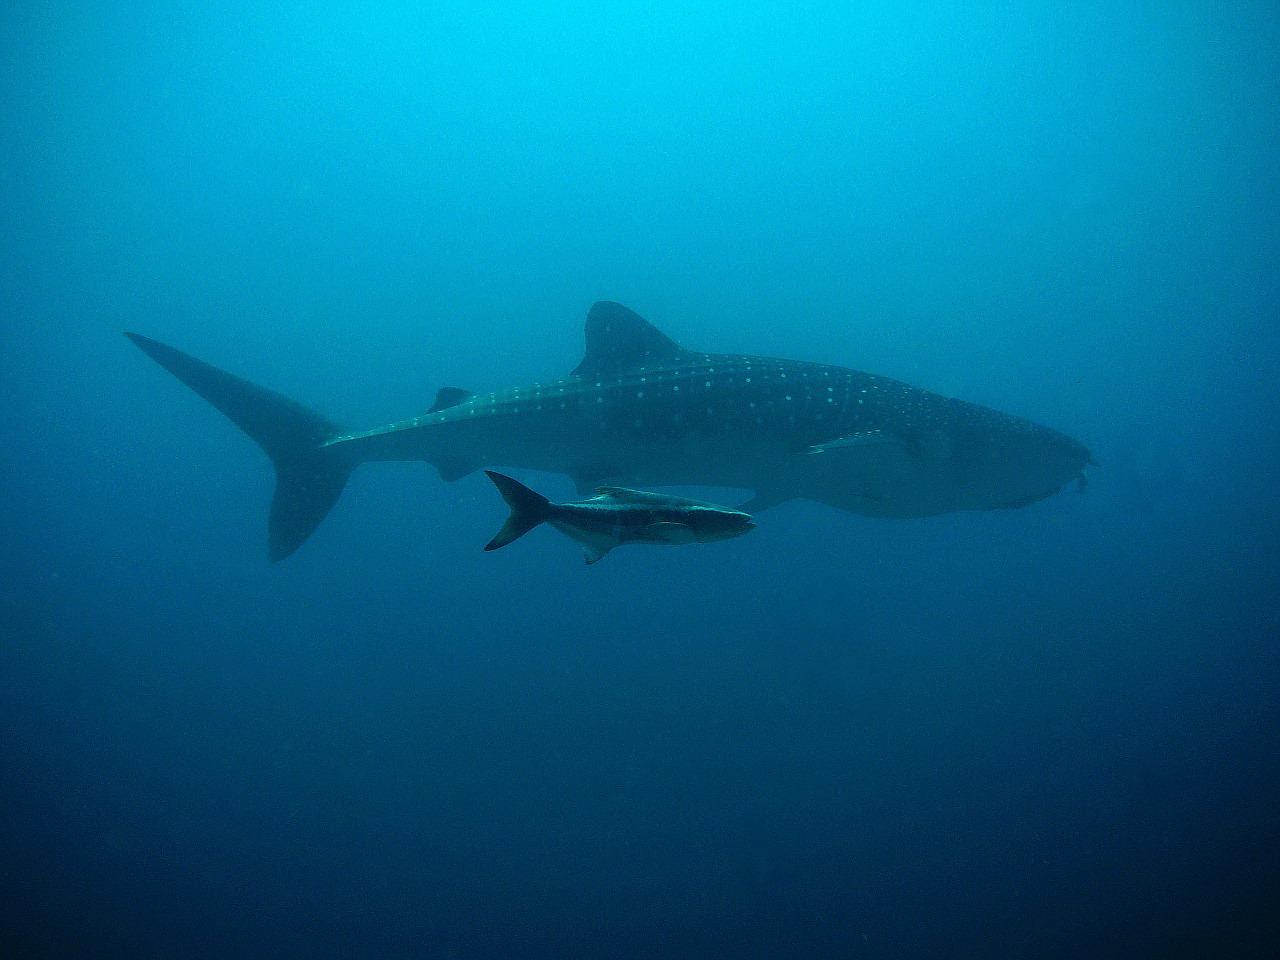 Squalo Balena durante un'immersione in Thailandia